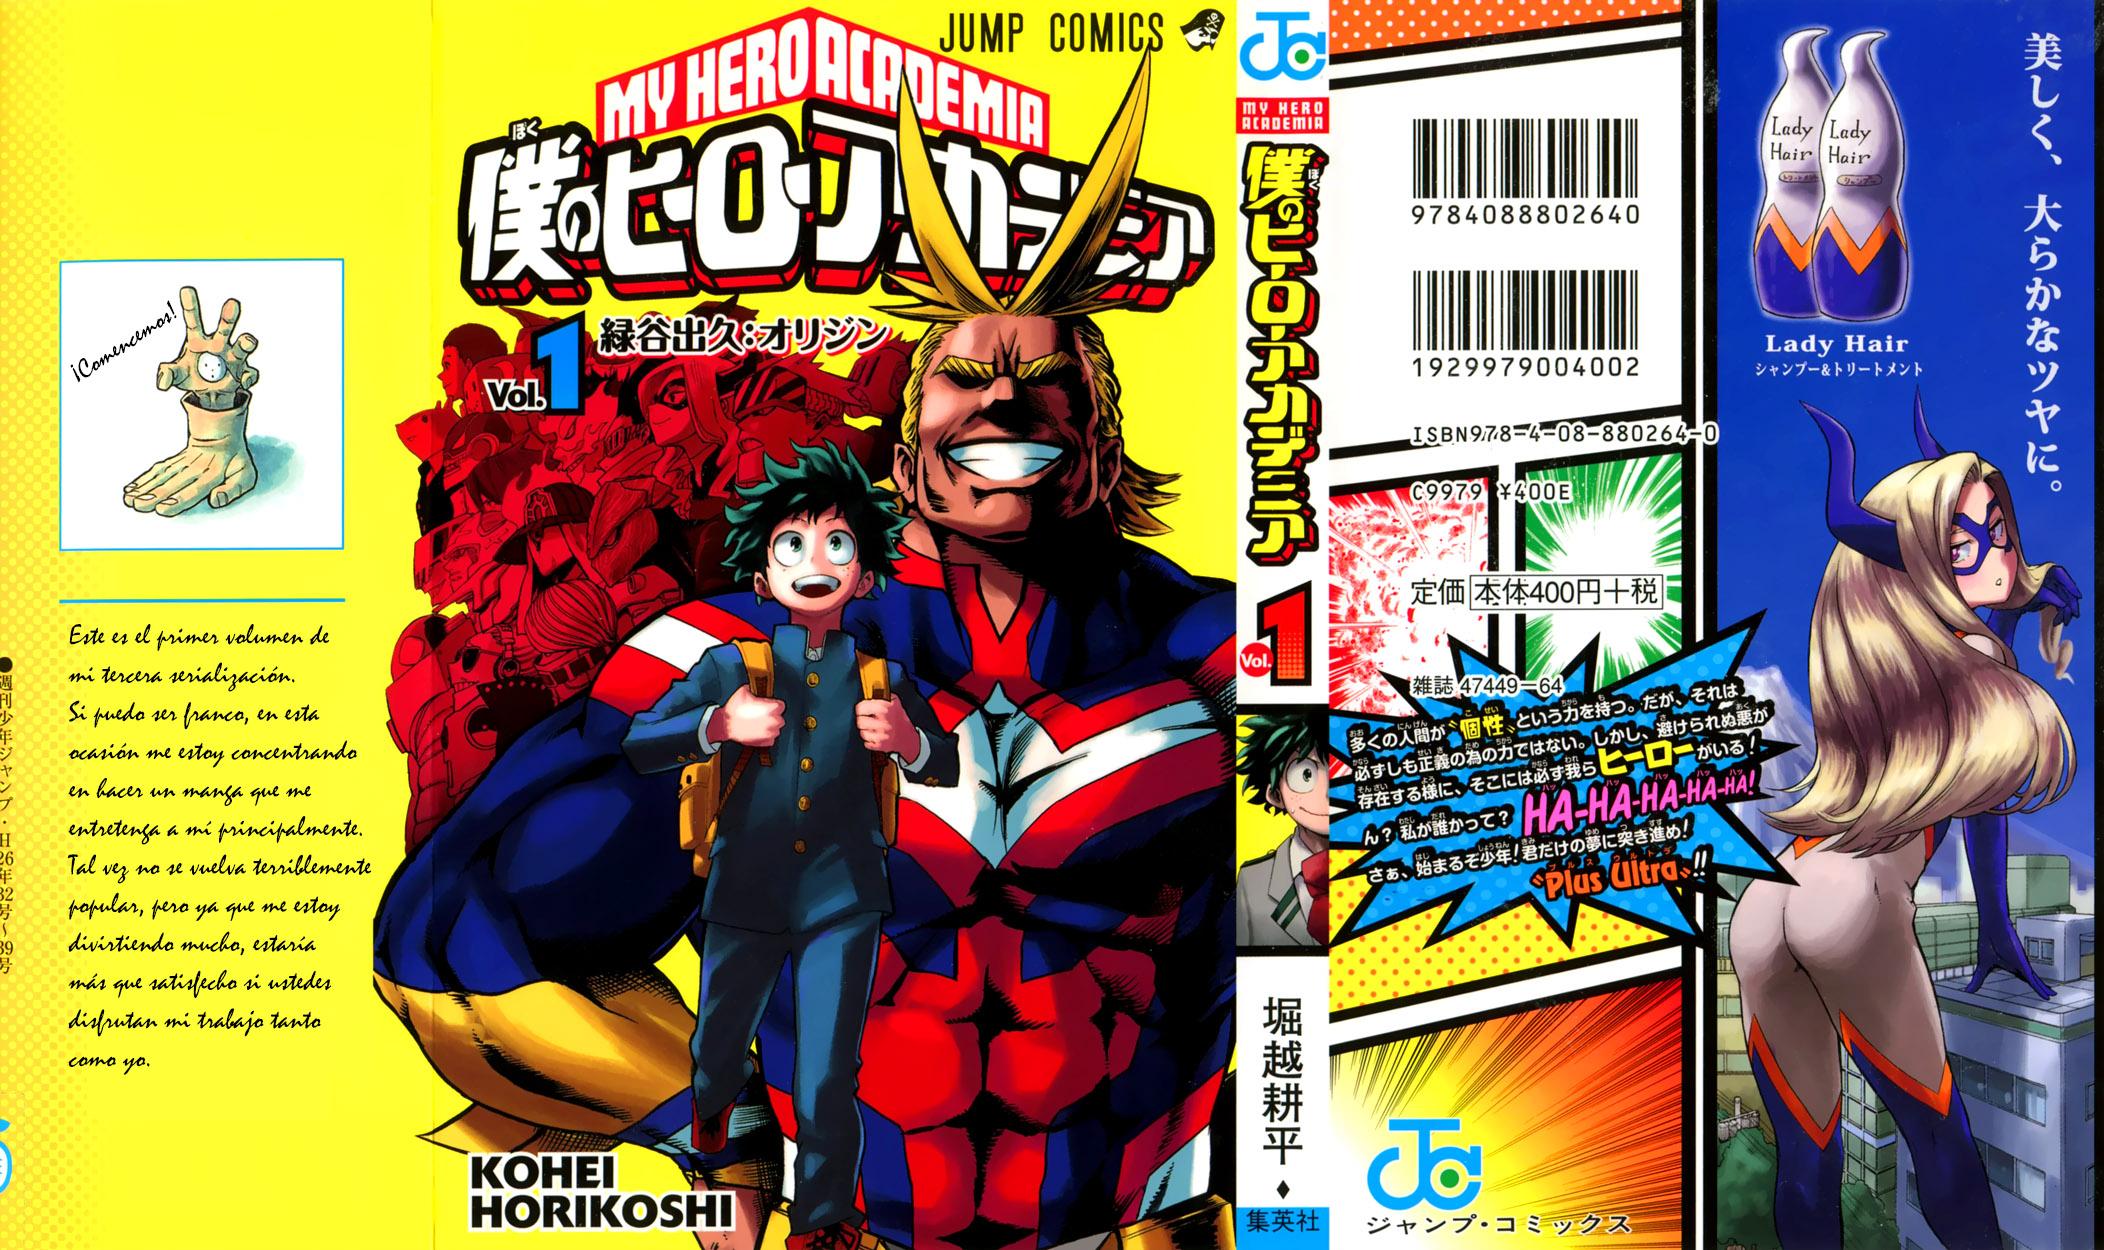 http://c5.ninemanga.com/es_manga/54/182/269162/ff6dec2c39768126491474050424b2ed.jpg Page 3